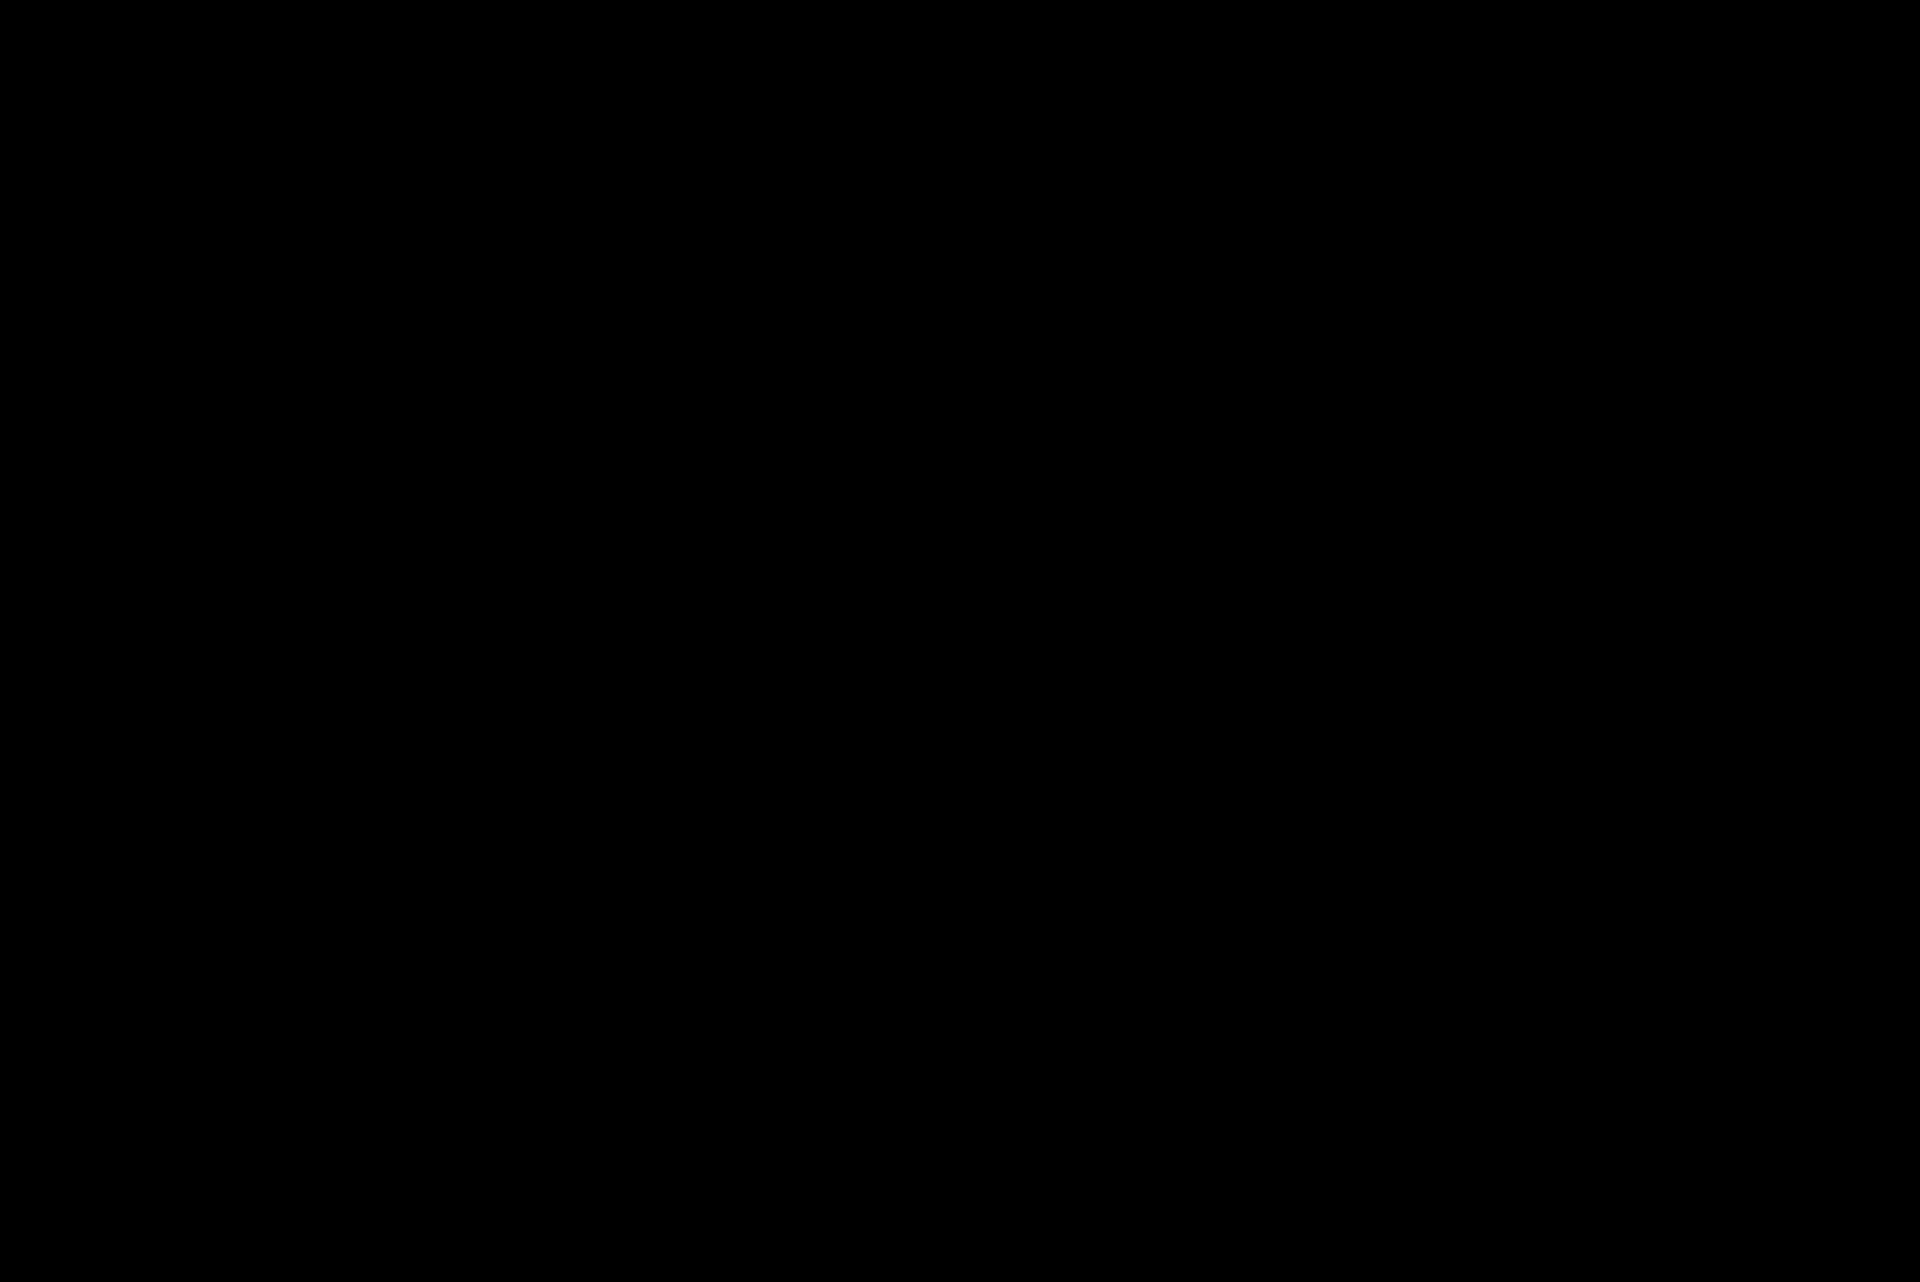 box_key